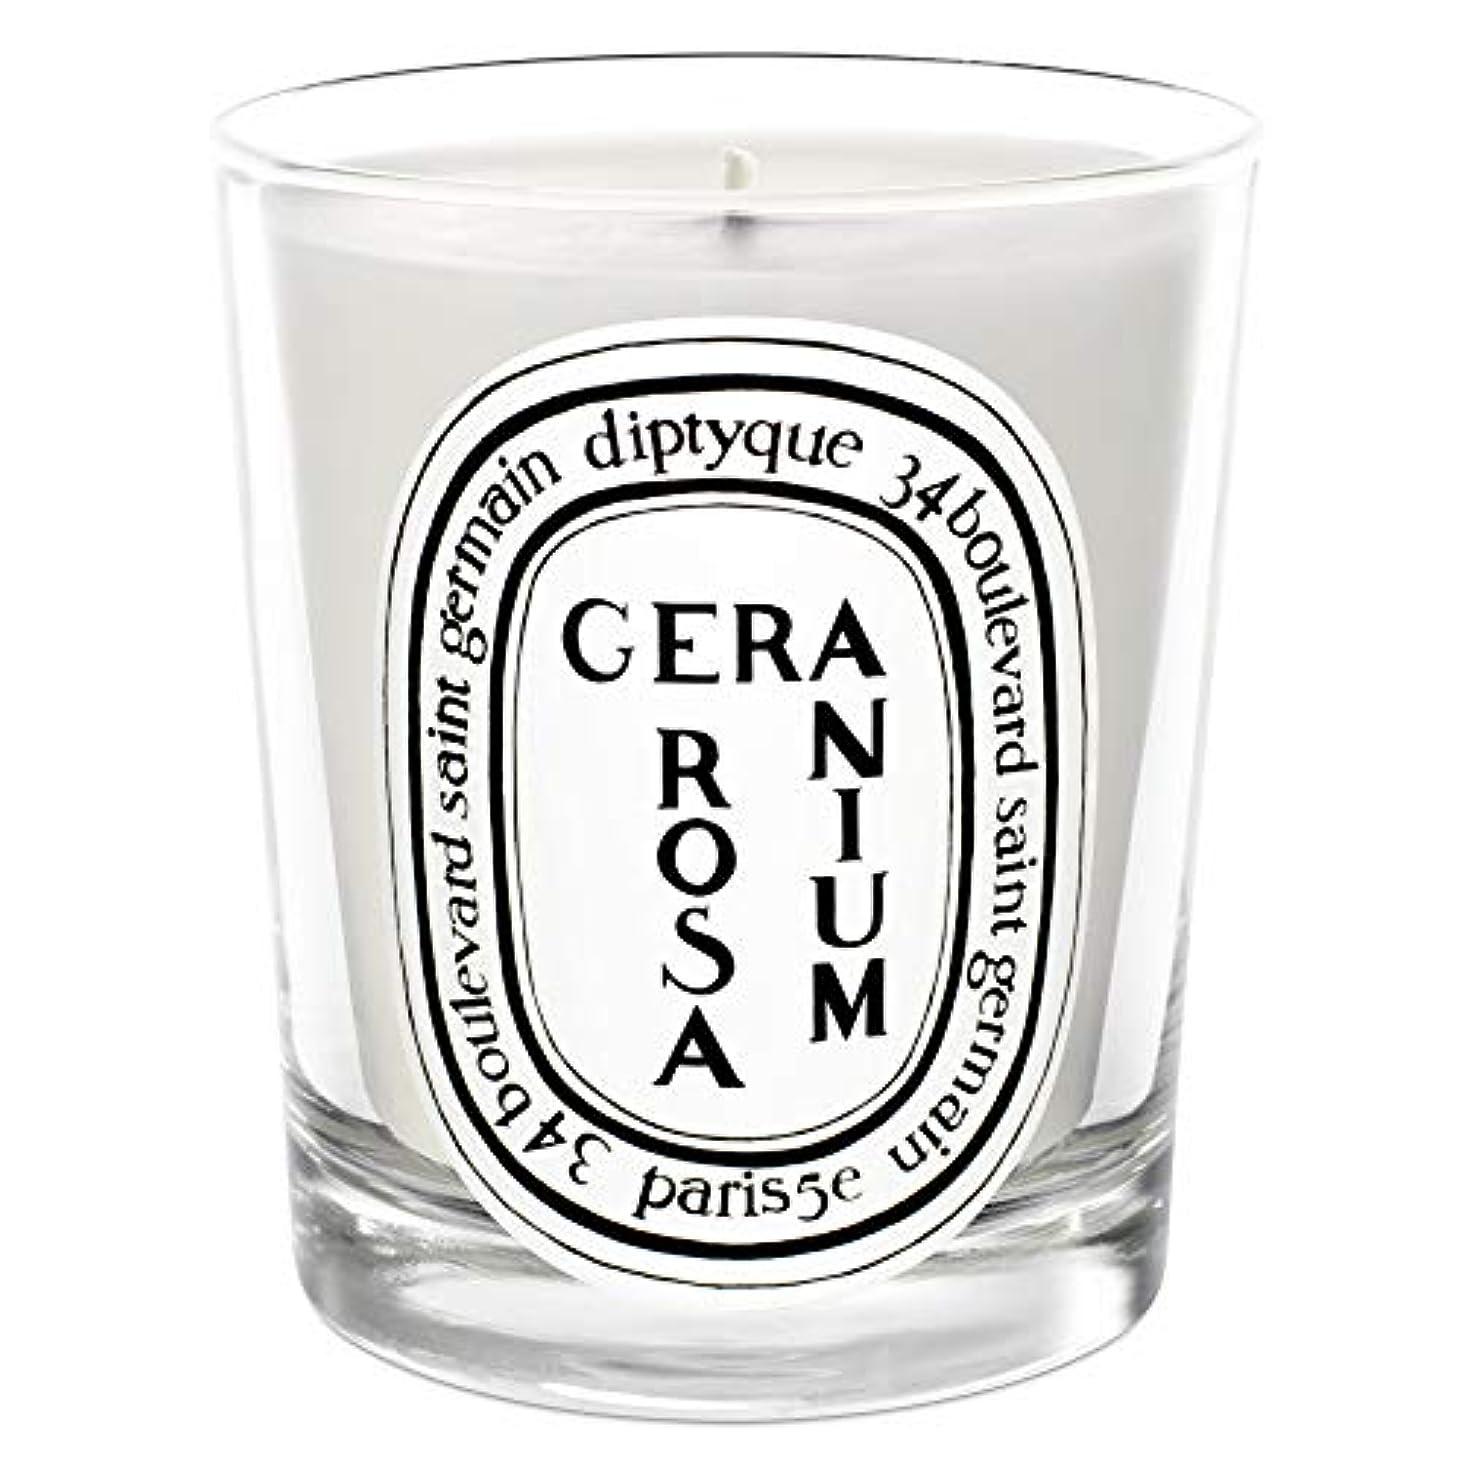 すべて熱狂的な移動[Diptyque] Diptyqueゼラニウムローザ香りのキャンドル190グラム - Diptyque Geranium Rosa Scented Candle 190g [並行輸入品]